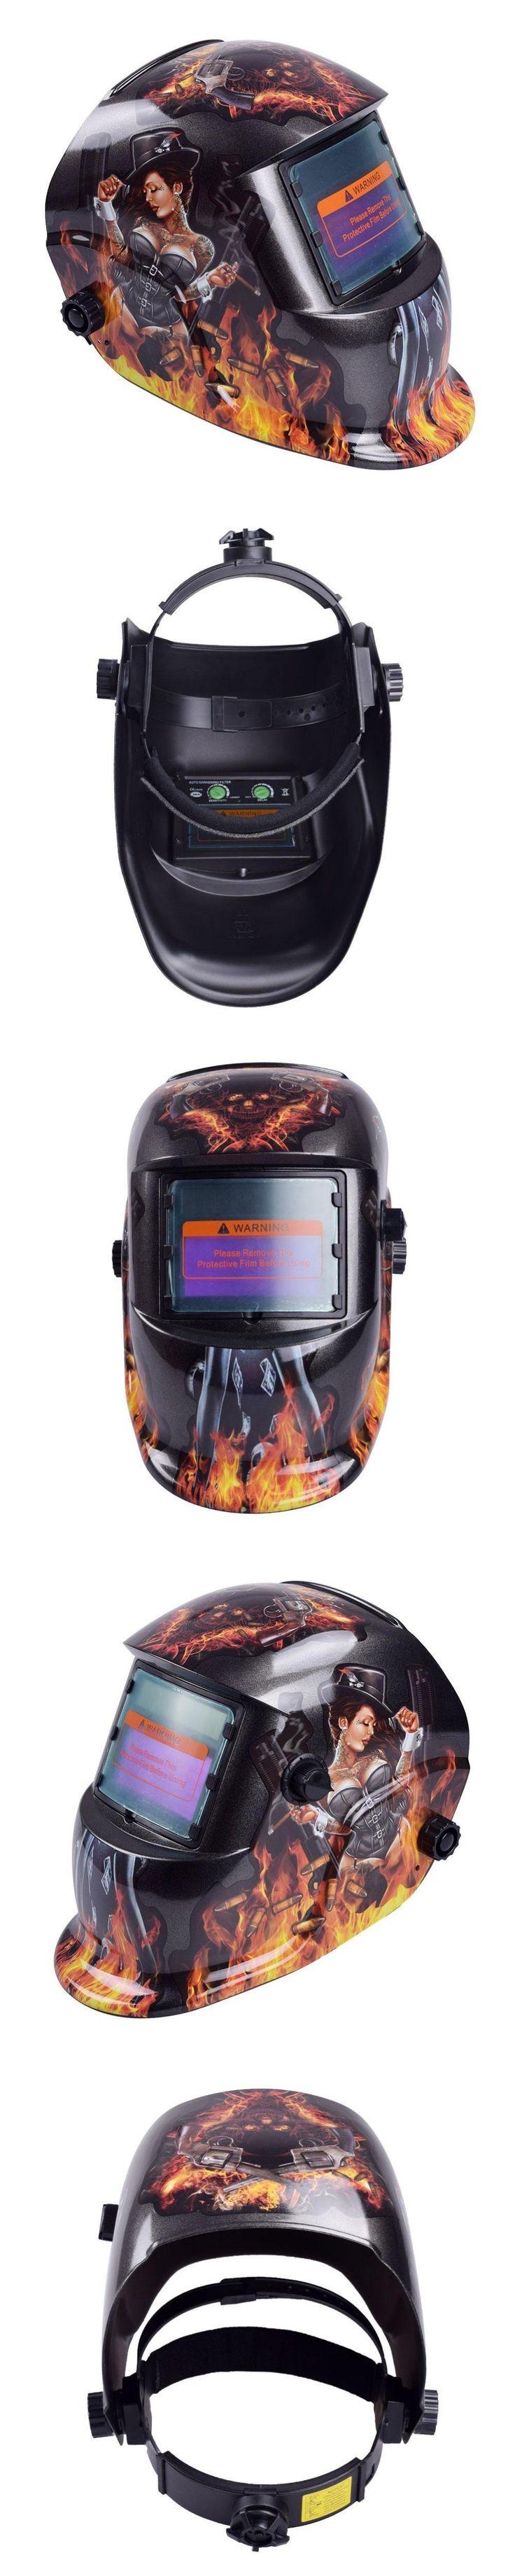 Automatic Solar Auto Darkening Mig Tig MMA Welding Helmets Mask /Welder Cap/Welder Goggles/Welding Tool For Soldering Iron